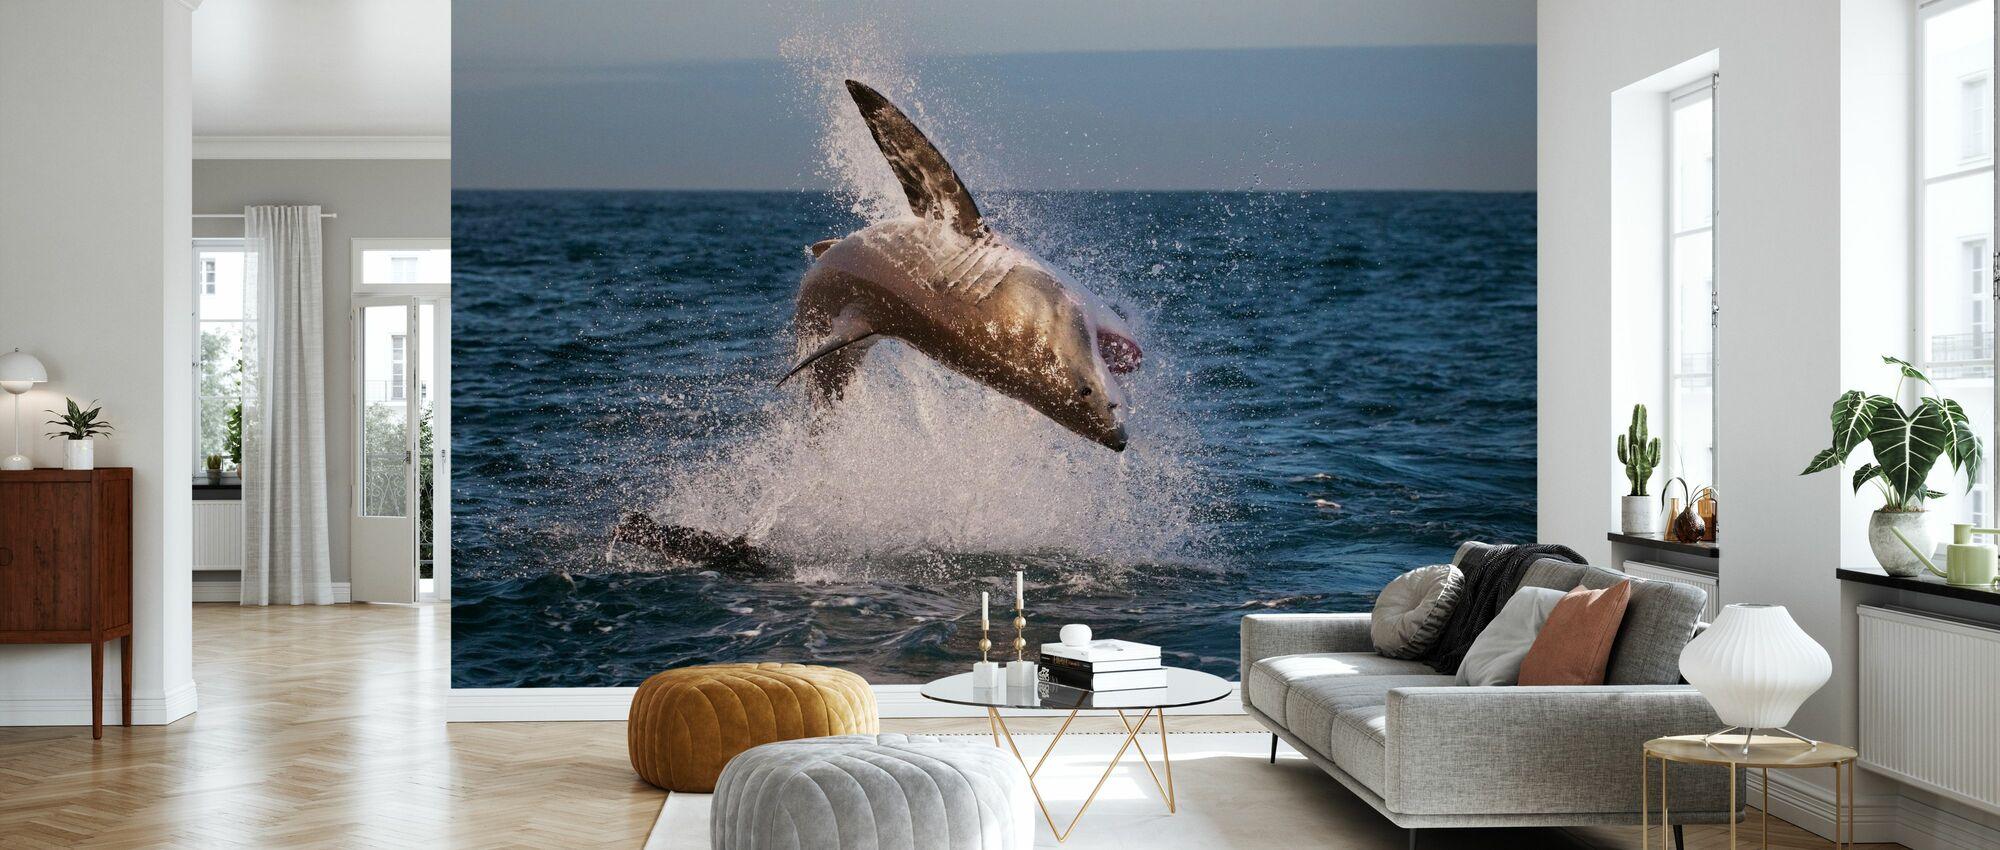 Breaching Great White Shark - Wallpaper - Living Room